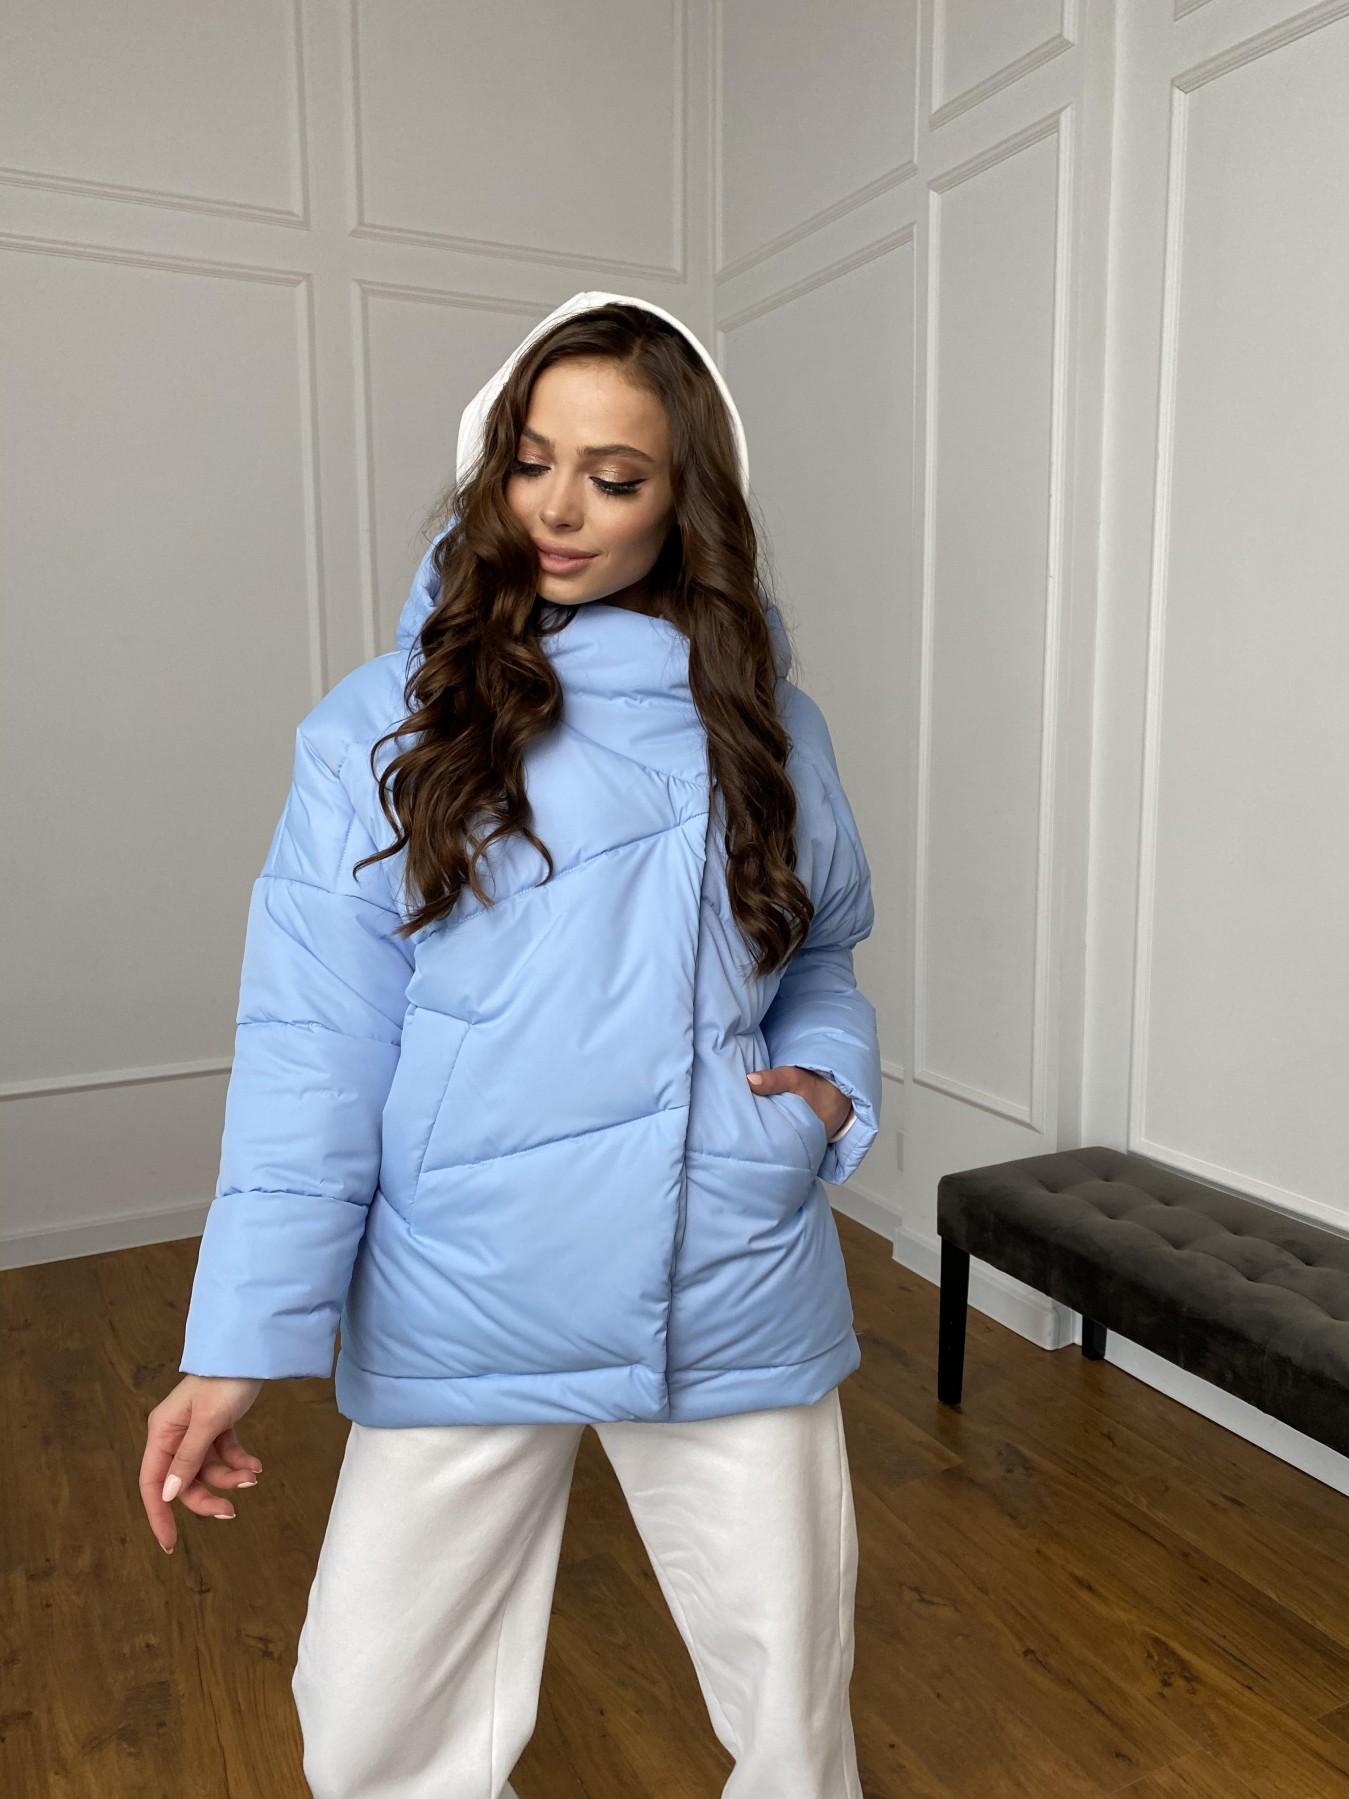 Уно куртка плащевка Ammy 10671 АРТ. 47398 Цвет: Голубой - фото 2, интернет магазин tm-modus.ru